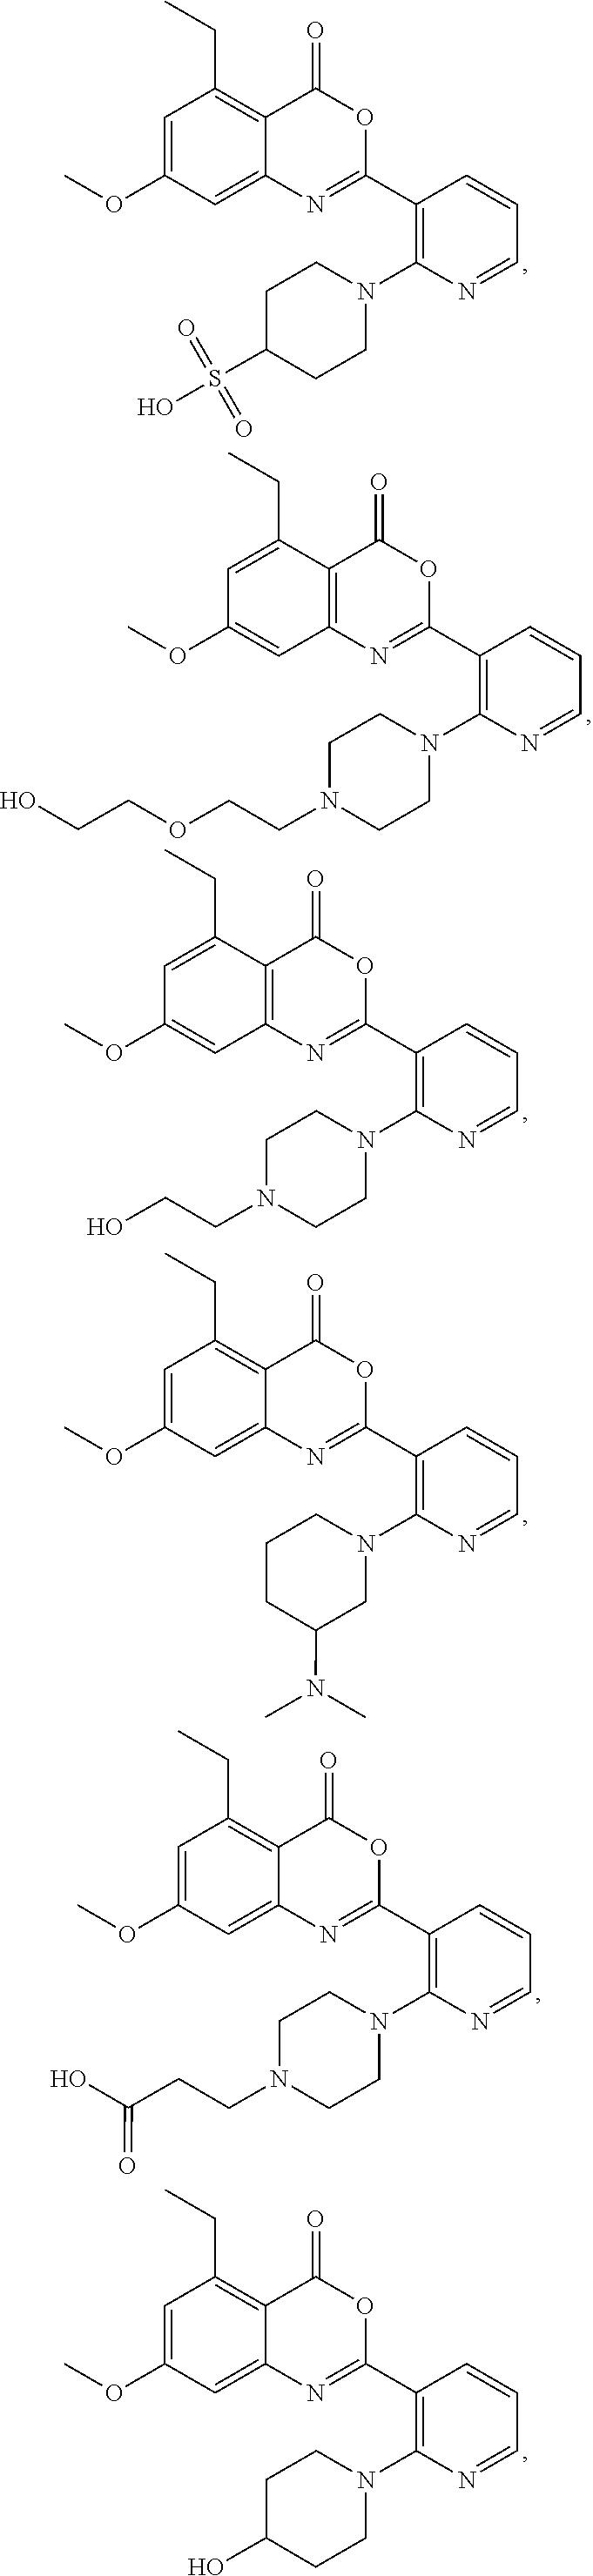 Figure US07879846-20110201-C00410